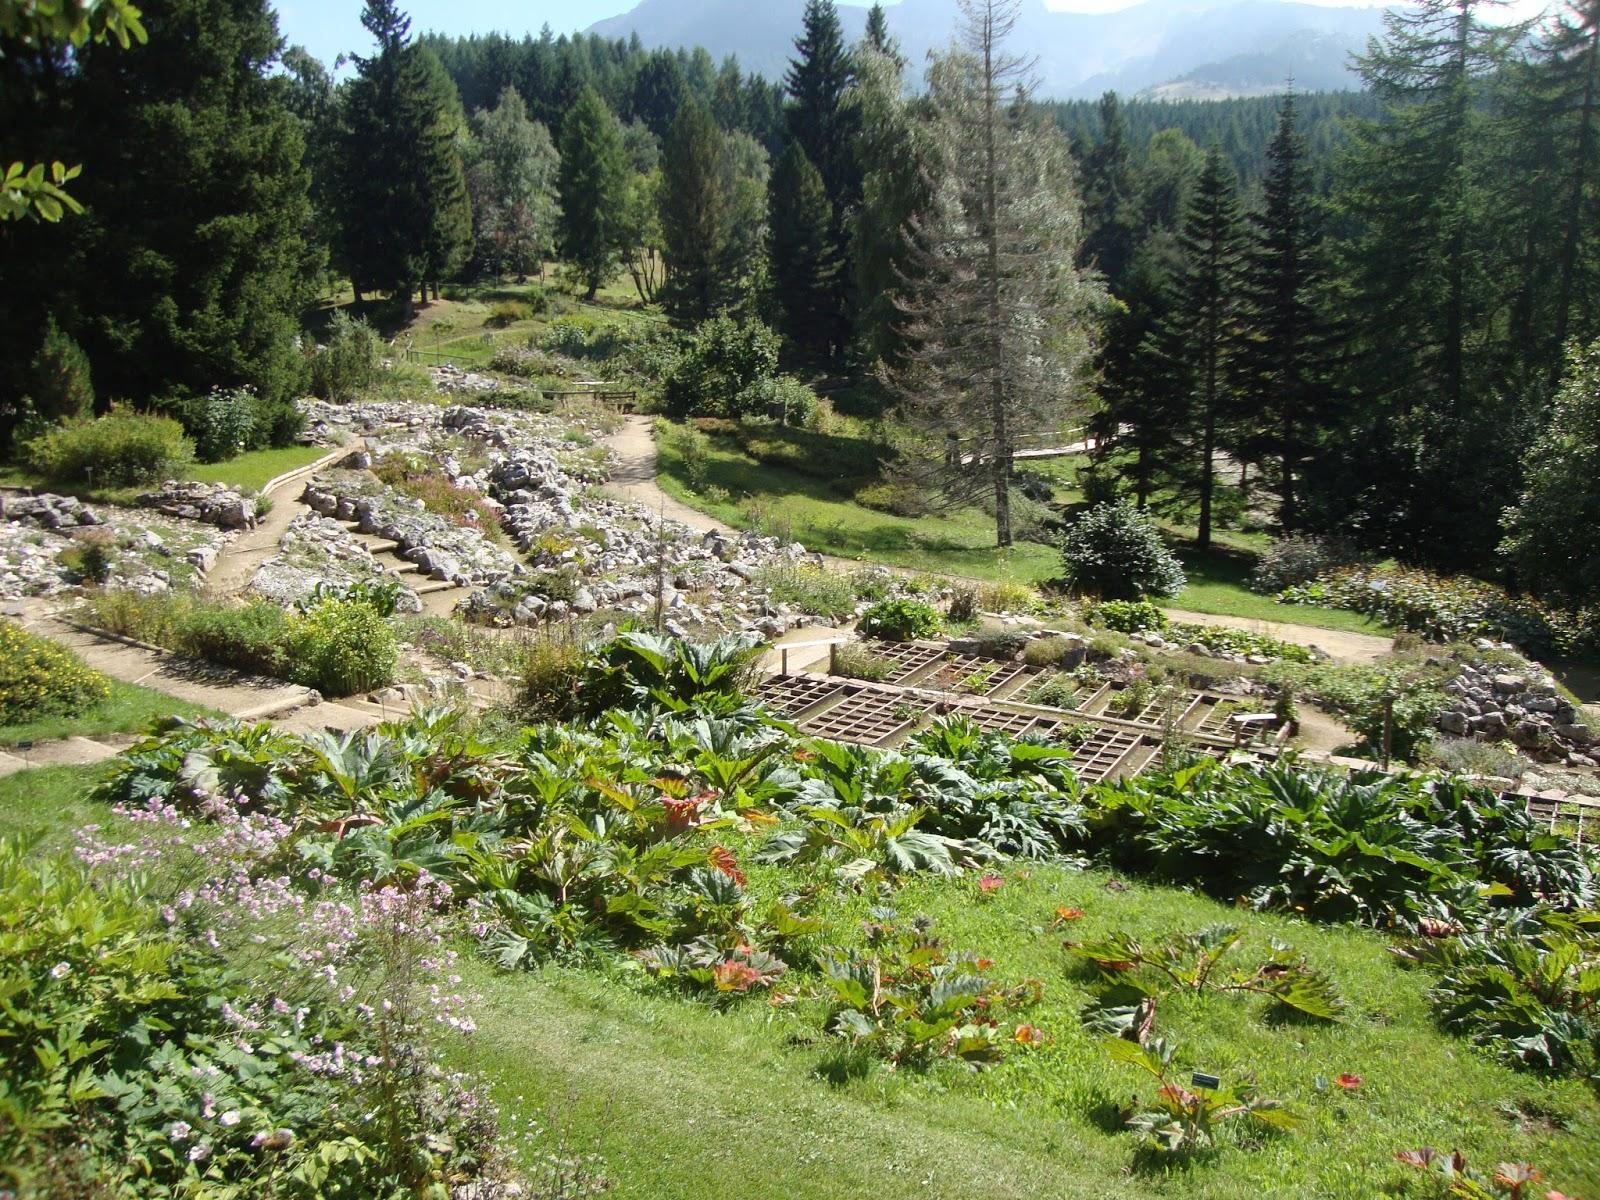 Foto diario di una giardiniera curiosa giardino botanico for Immagini giardiniere